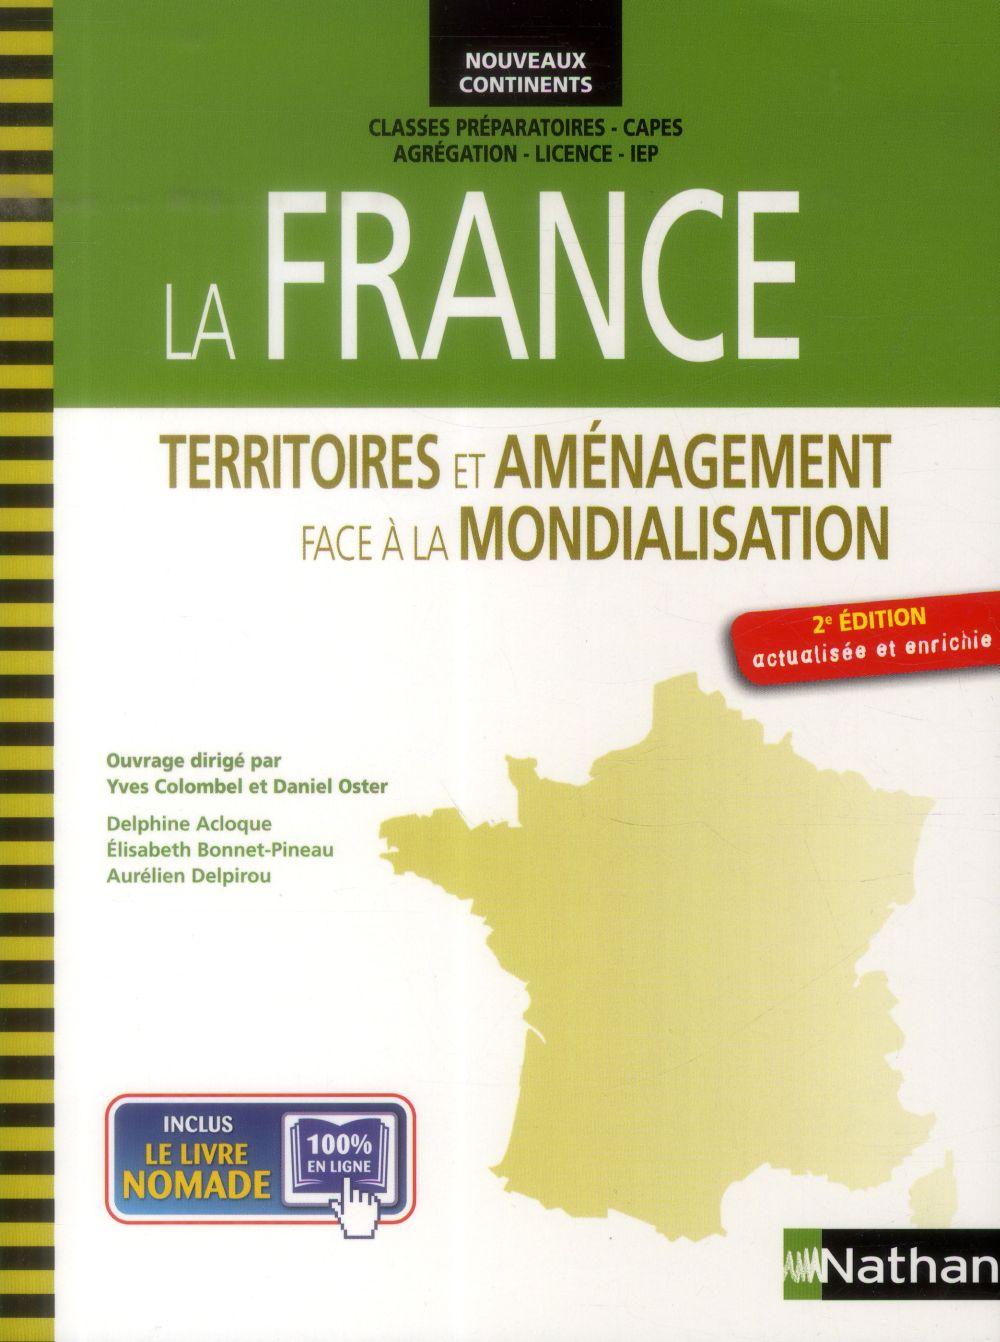 COLOMBEL/OSTER - LA FRANCE - TERRITOIRES ET AMENAGEMENT FACE A LA MONDIALISATION NOUVEAUX CONTINENTS